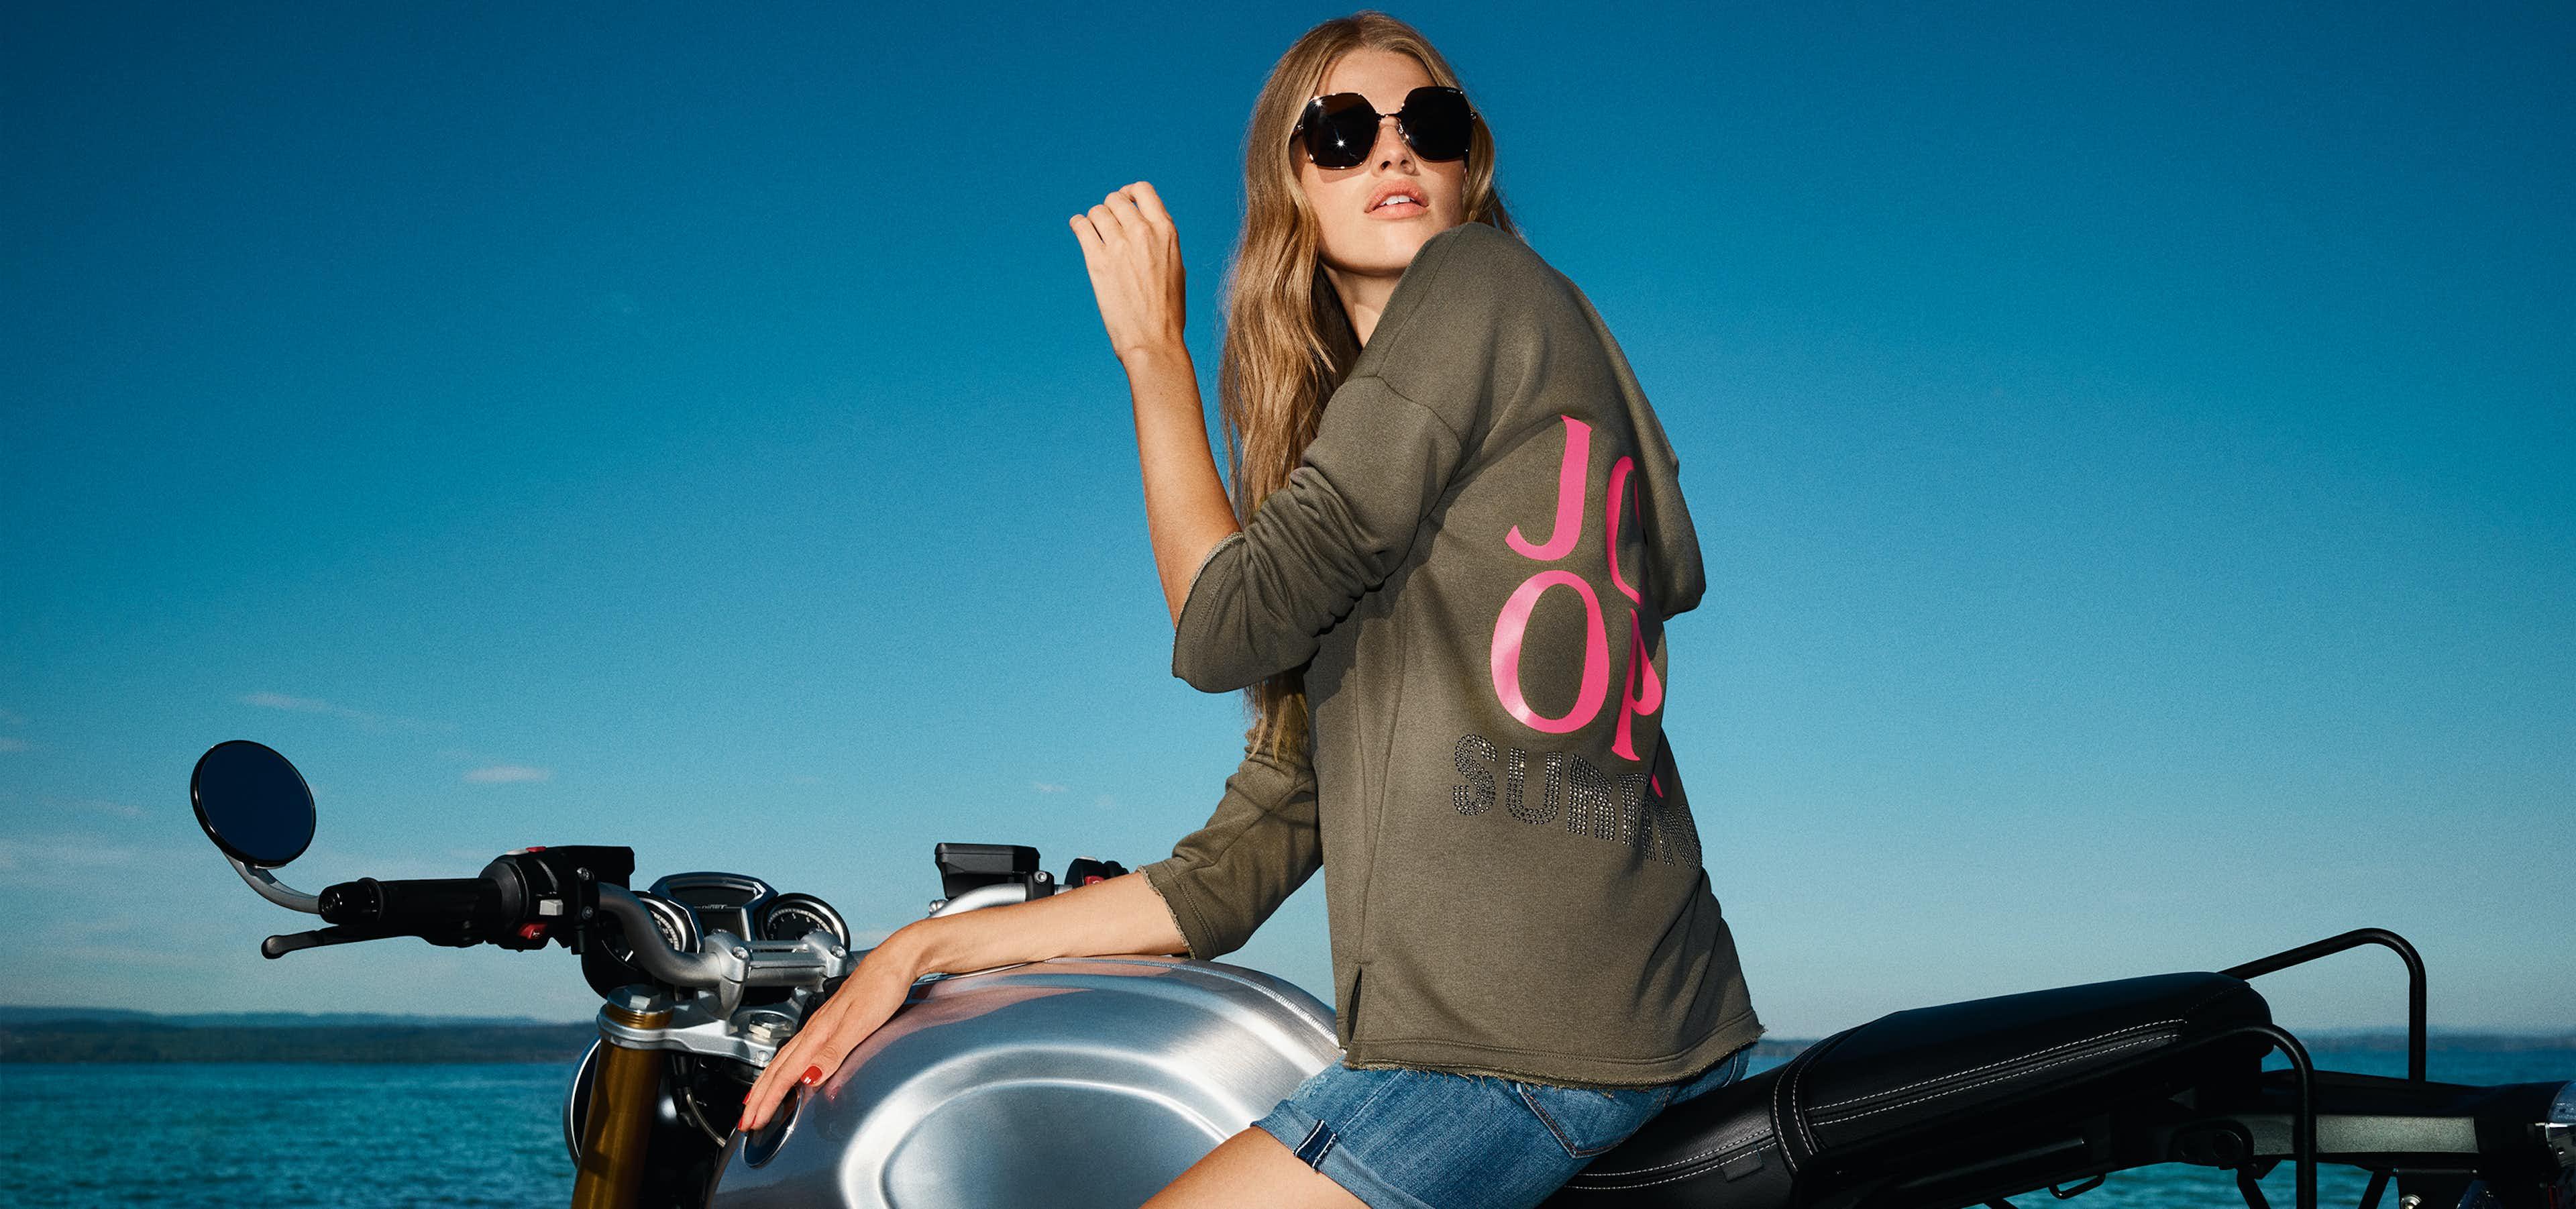 Frau auf Motorrad in JOOP! Sweatshirt